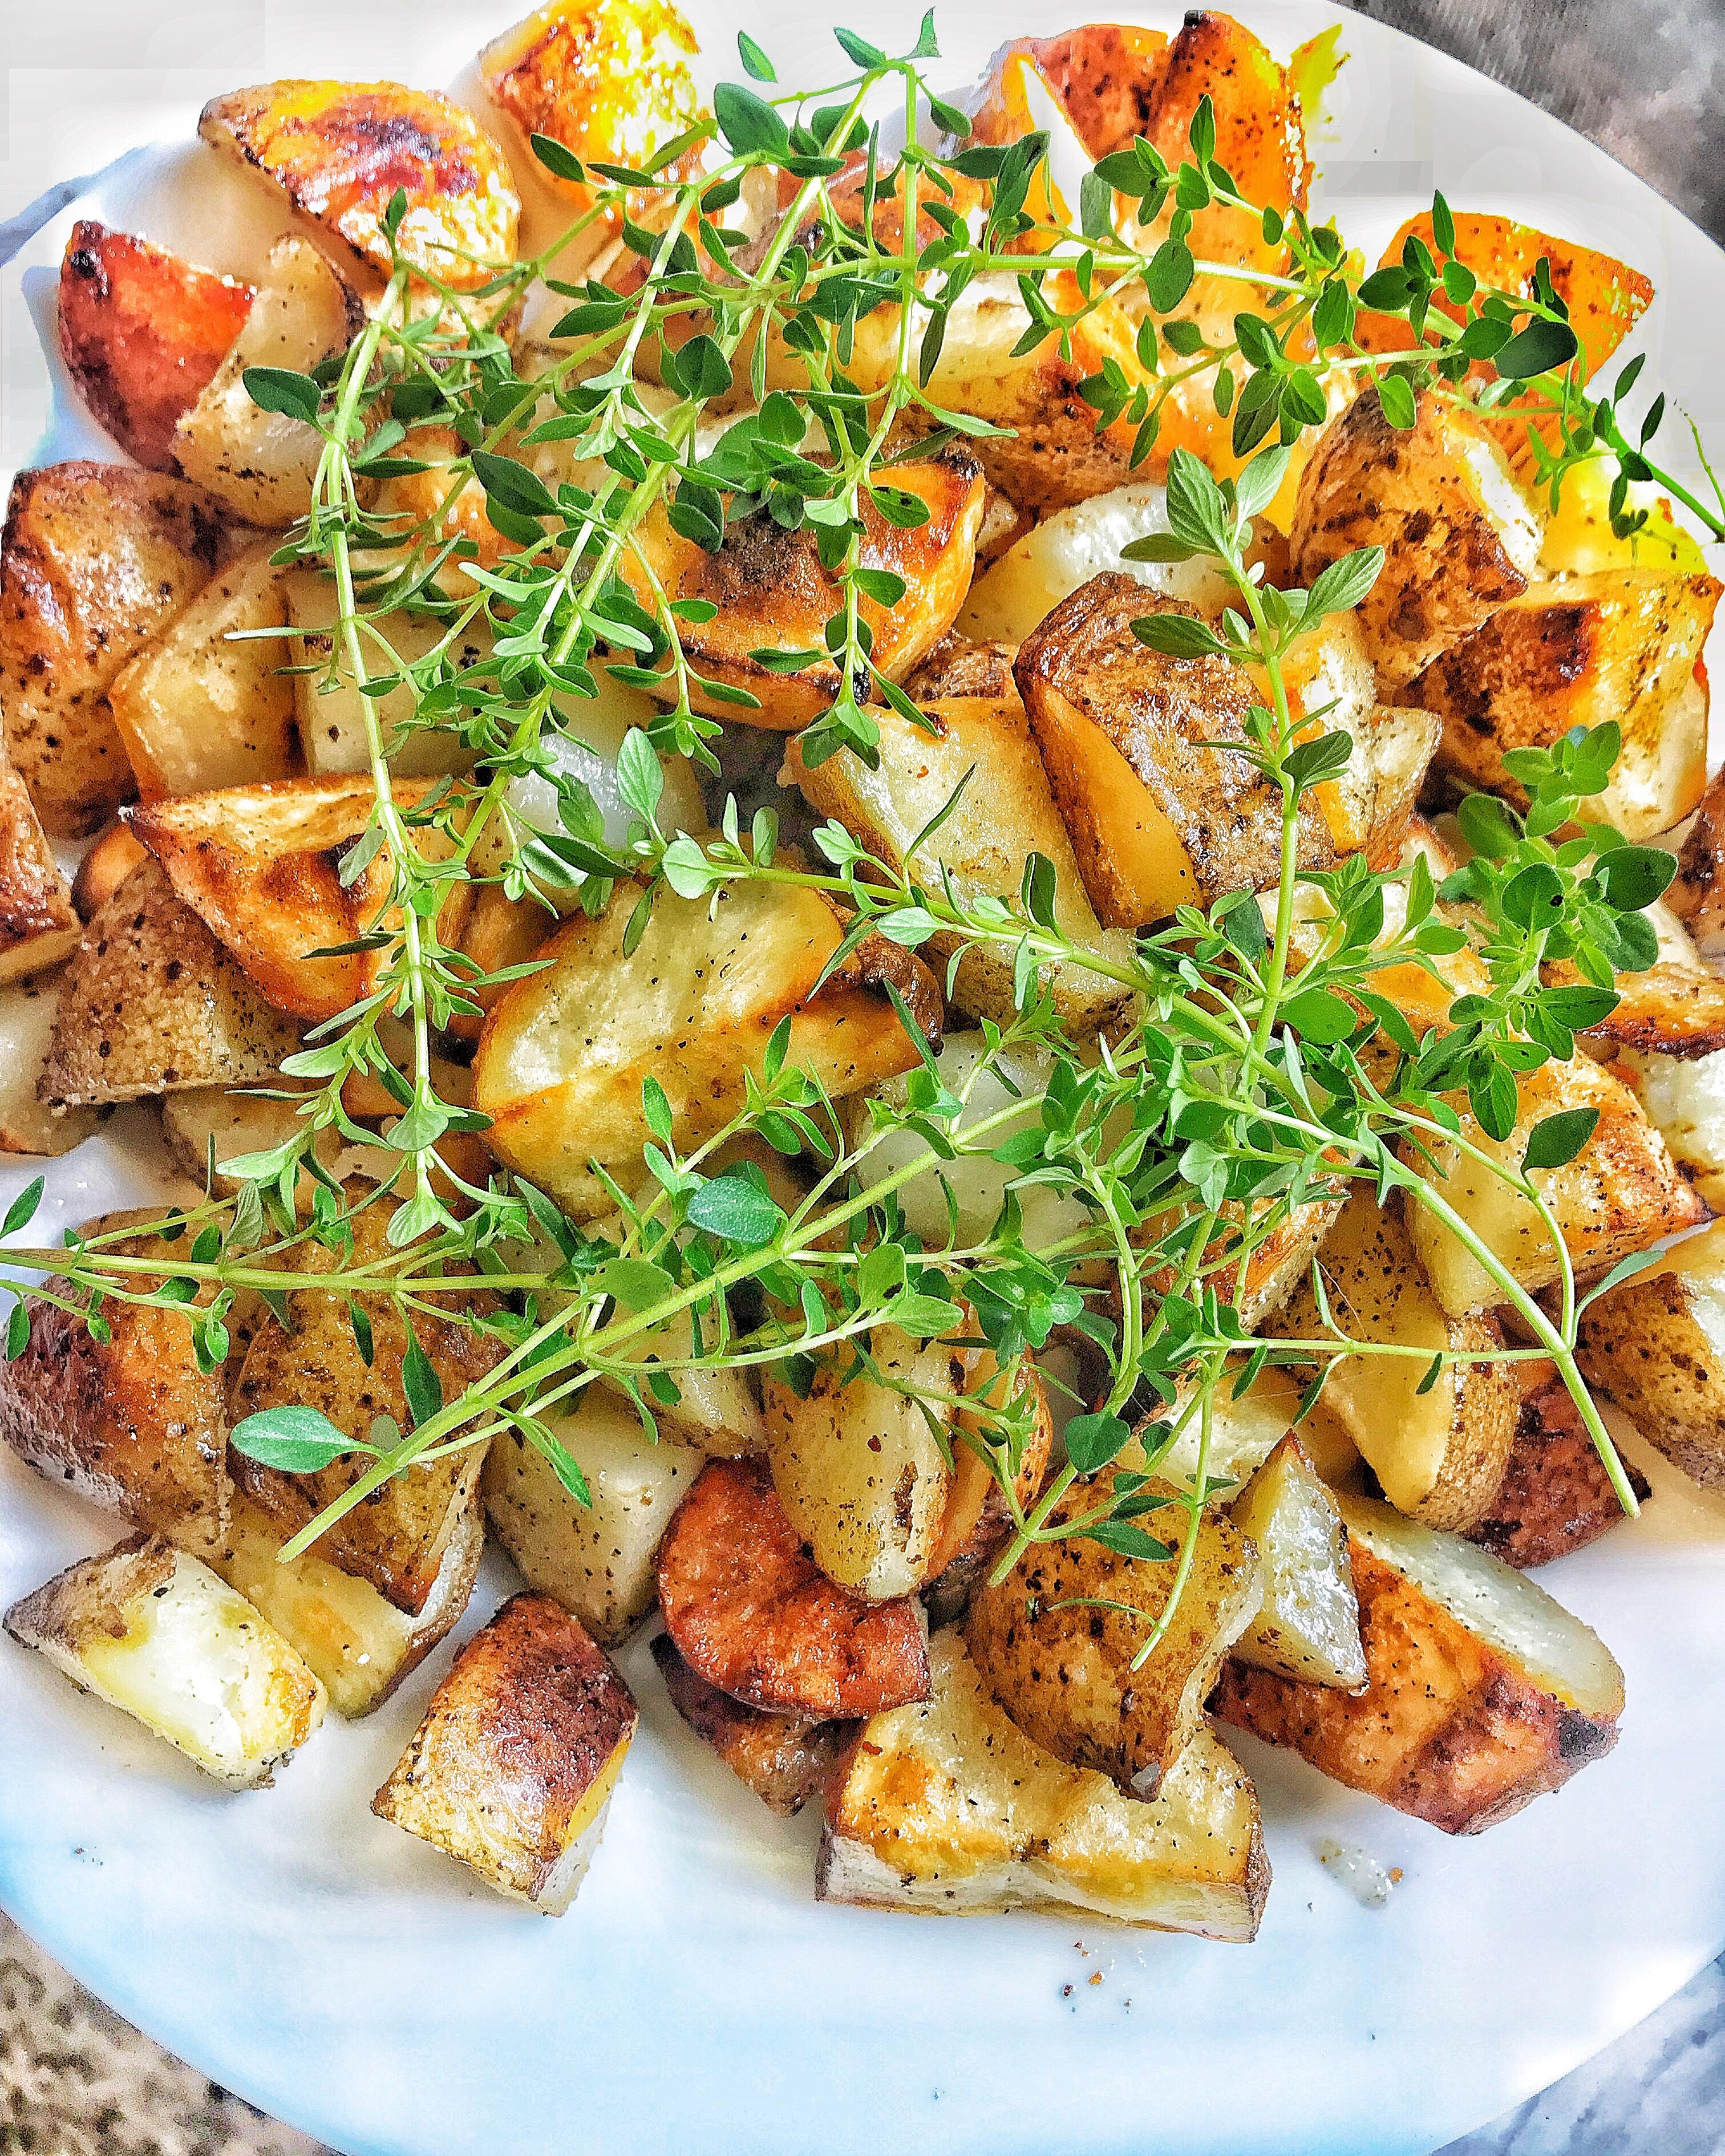 Crispy Russet Potatoes Fried In bacon Fat